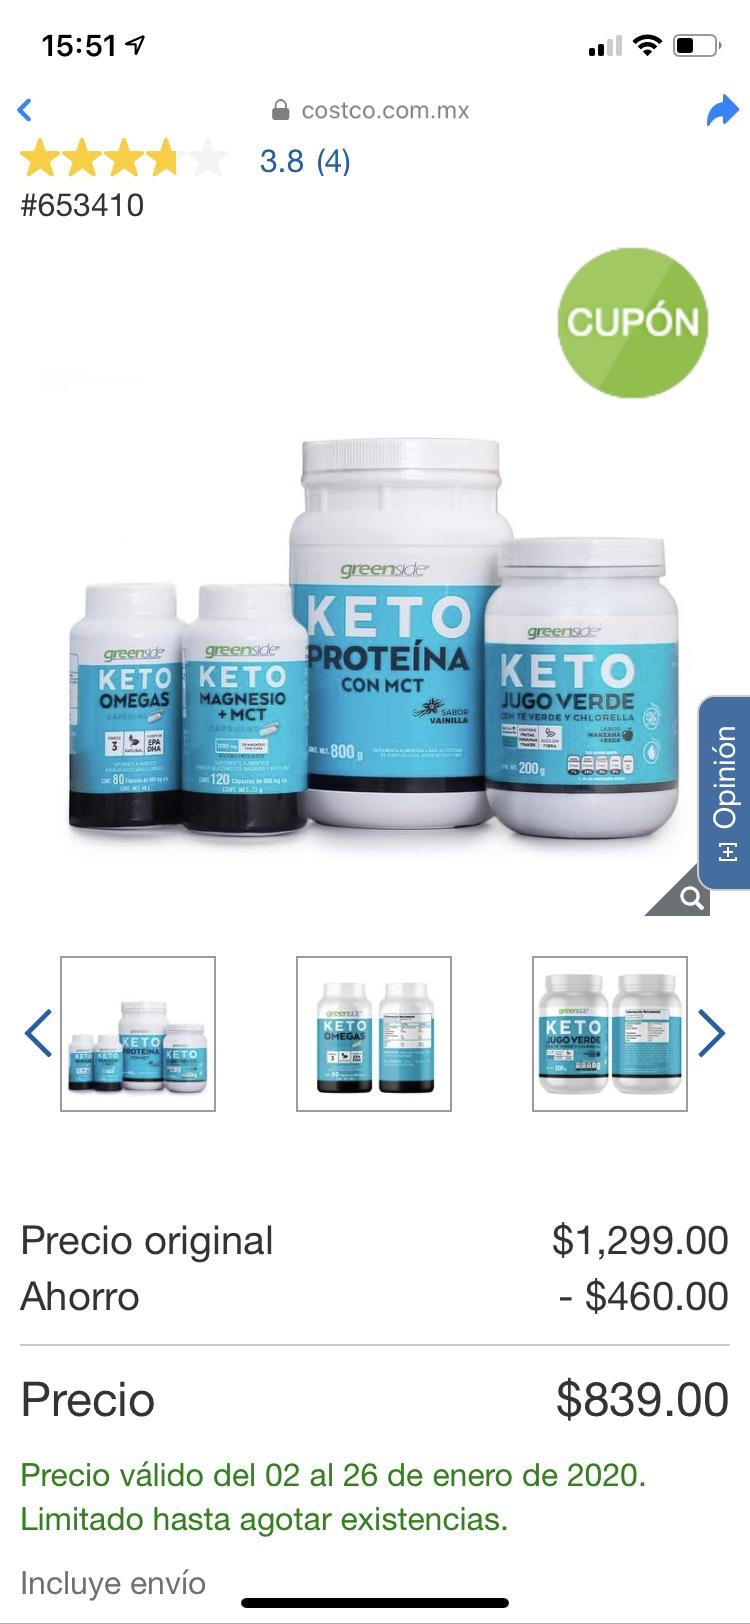 Costco GreenSide paquete KETO